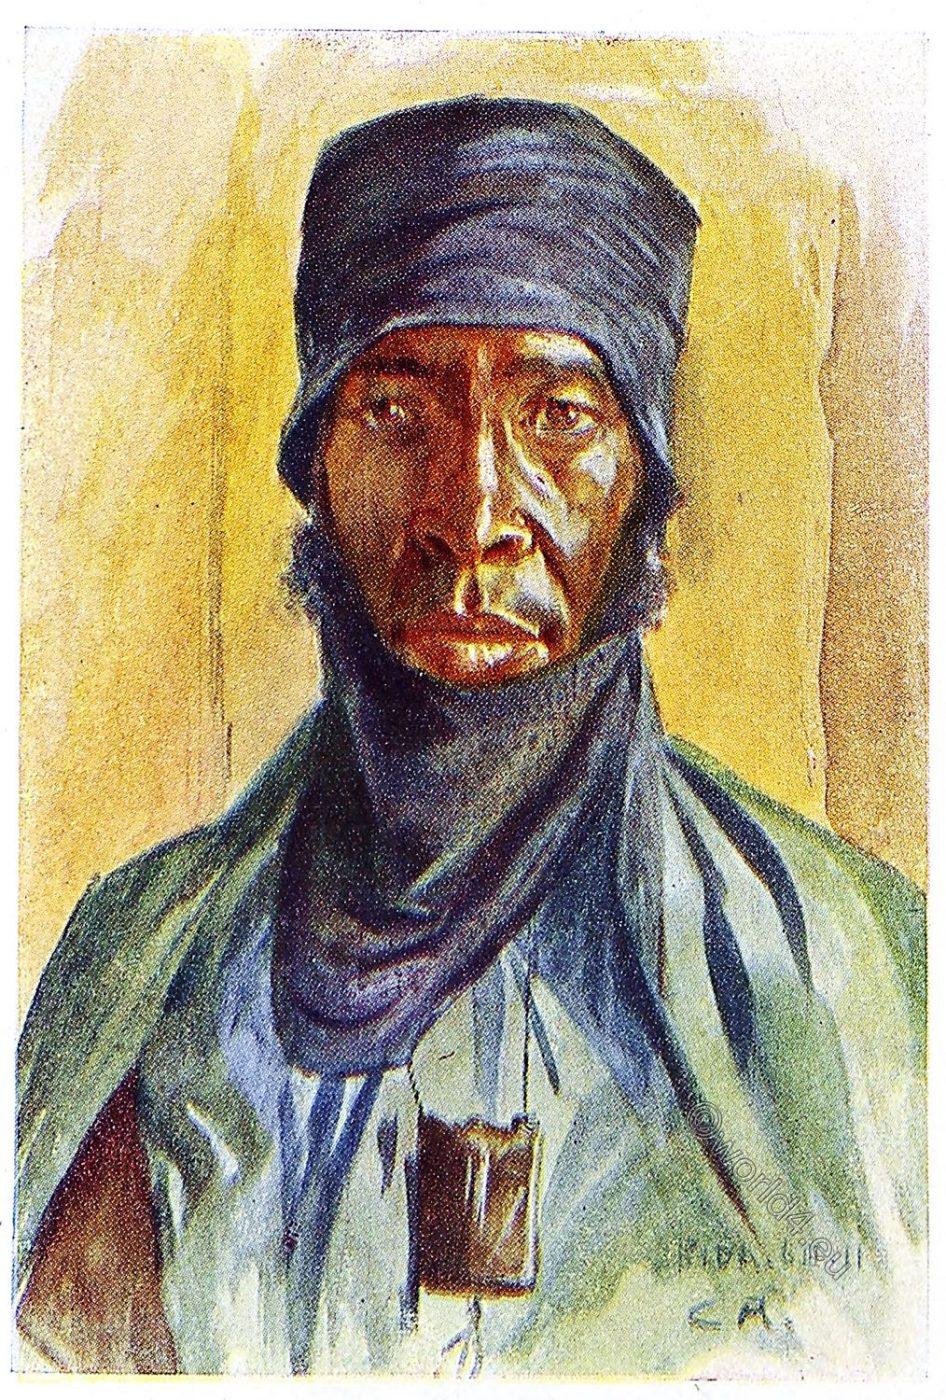 Africa, costume, Leo Frobenius, clothing, Sudan